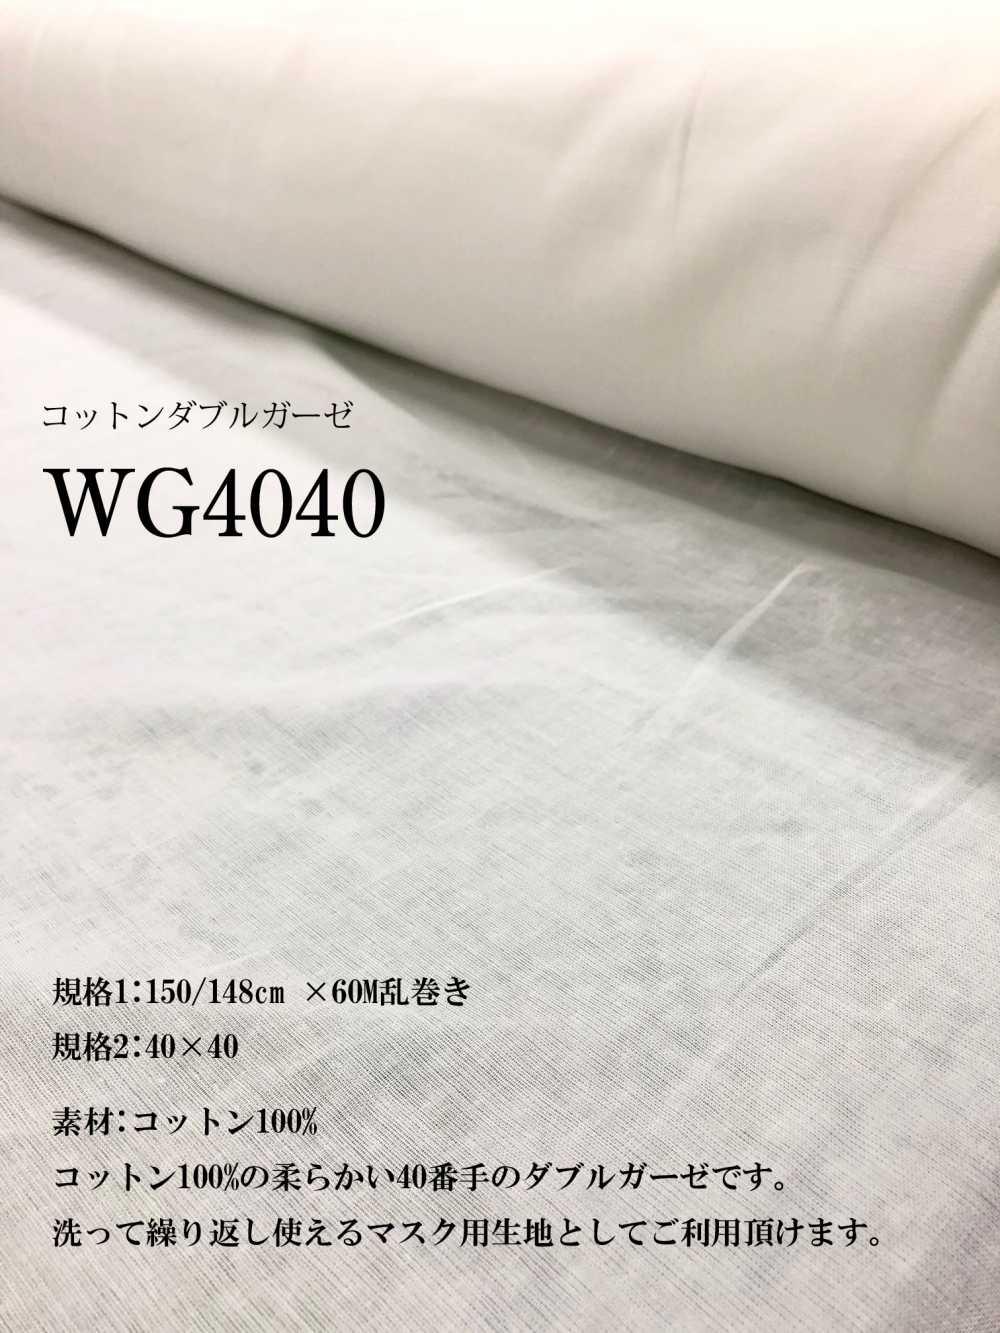 WG4040 広幅 コットンダブルガーゼ 40×40[生地] オークラ商事